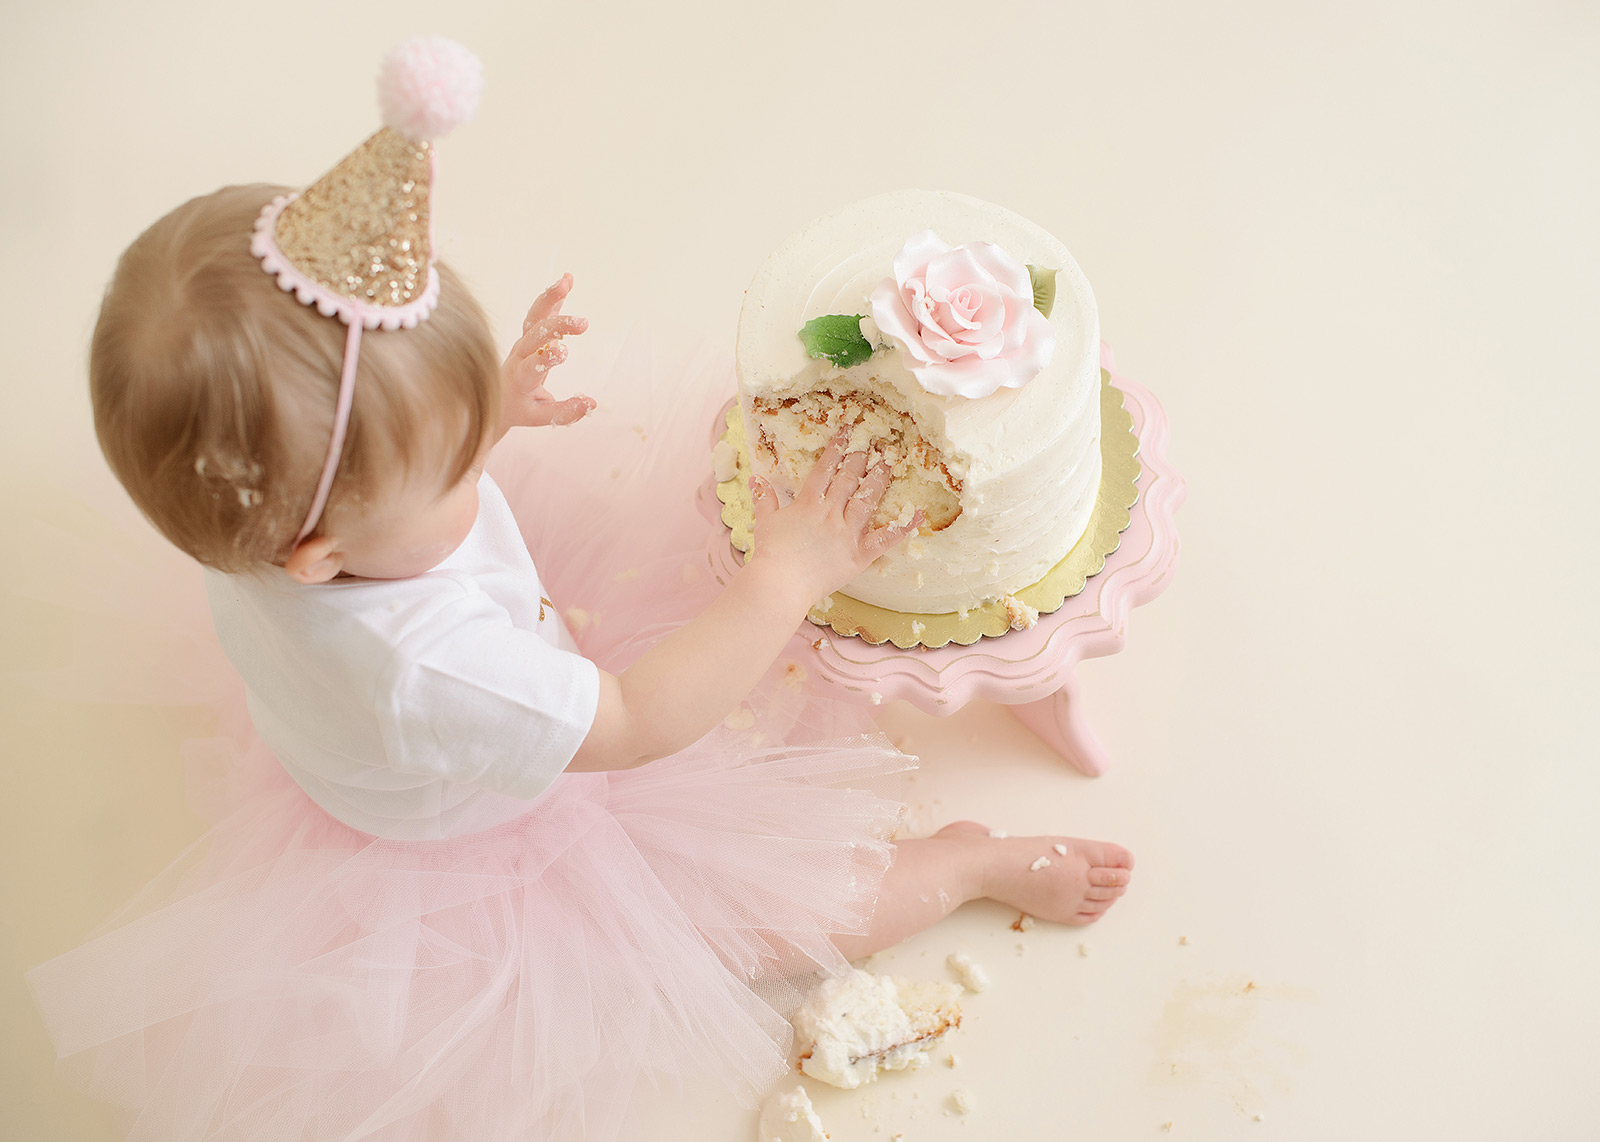 Baby girl in pink tutu smashing cake from top in Sacramento studio